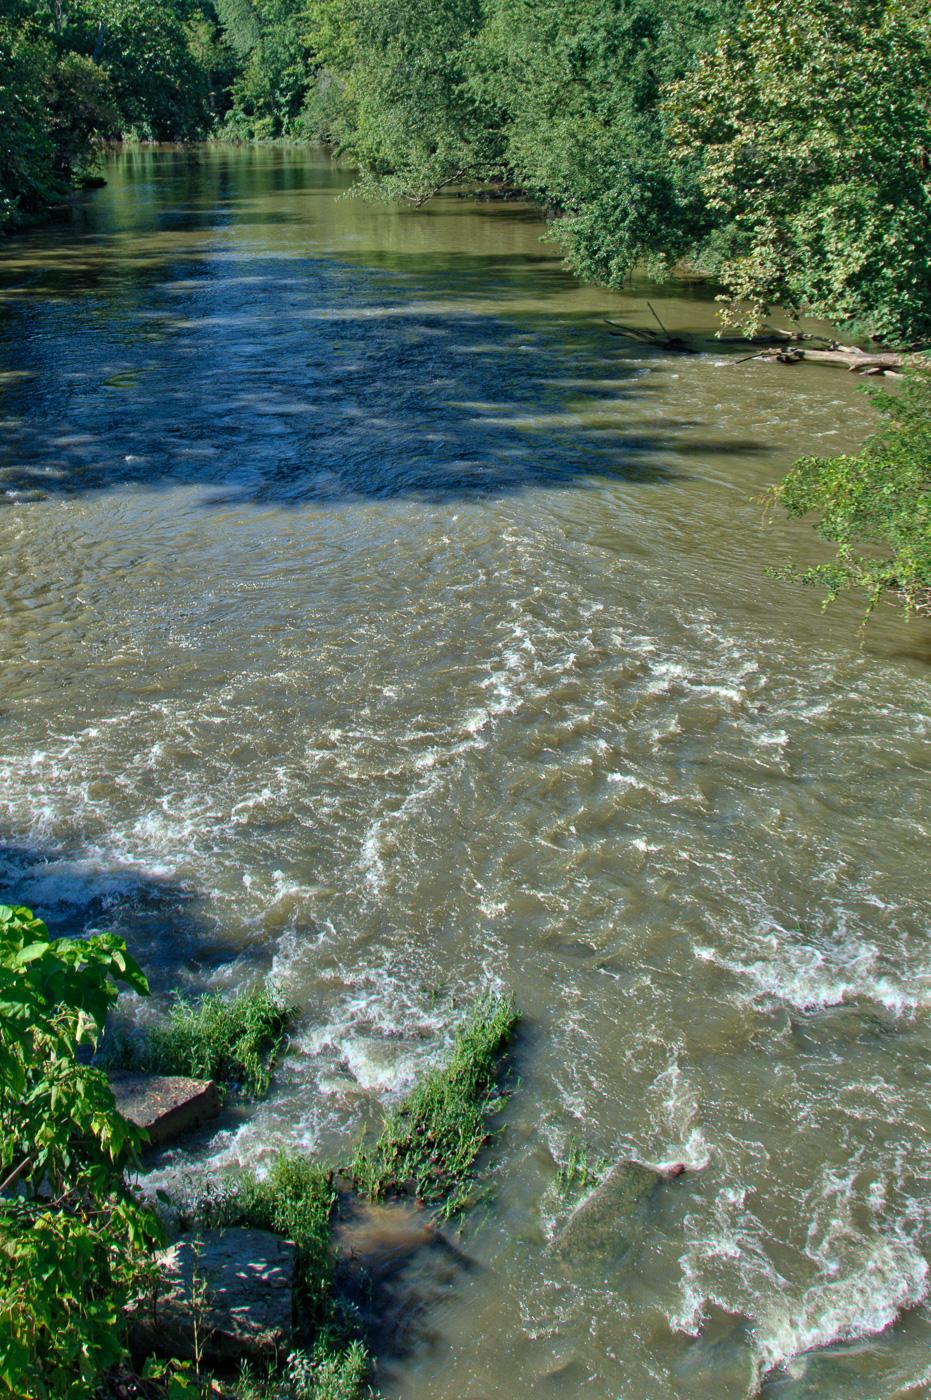 More rapids.